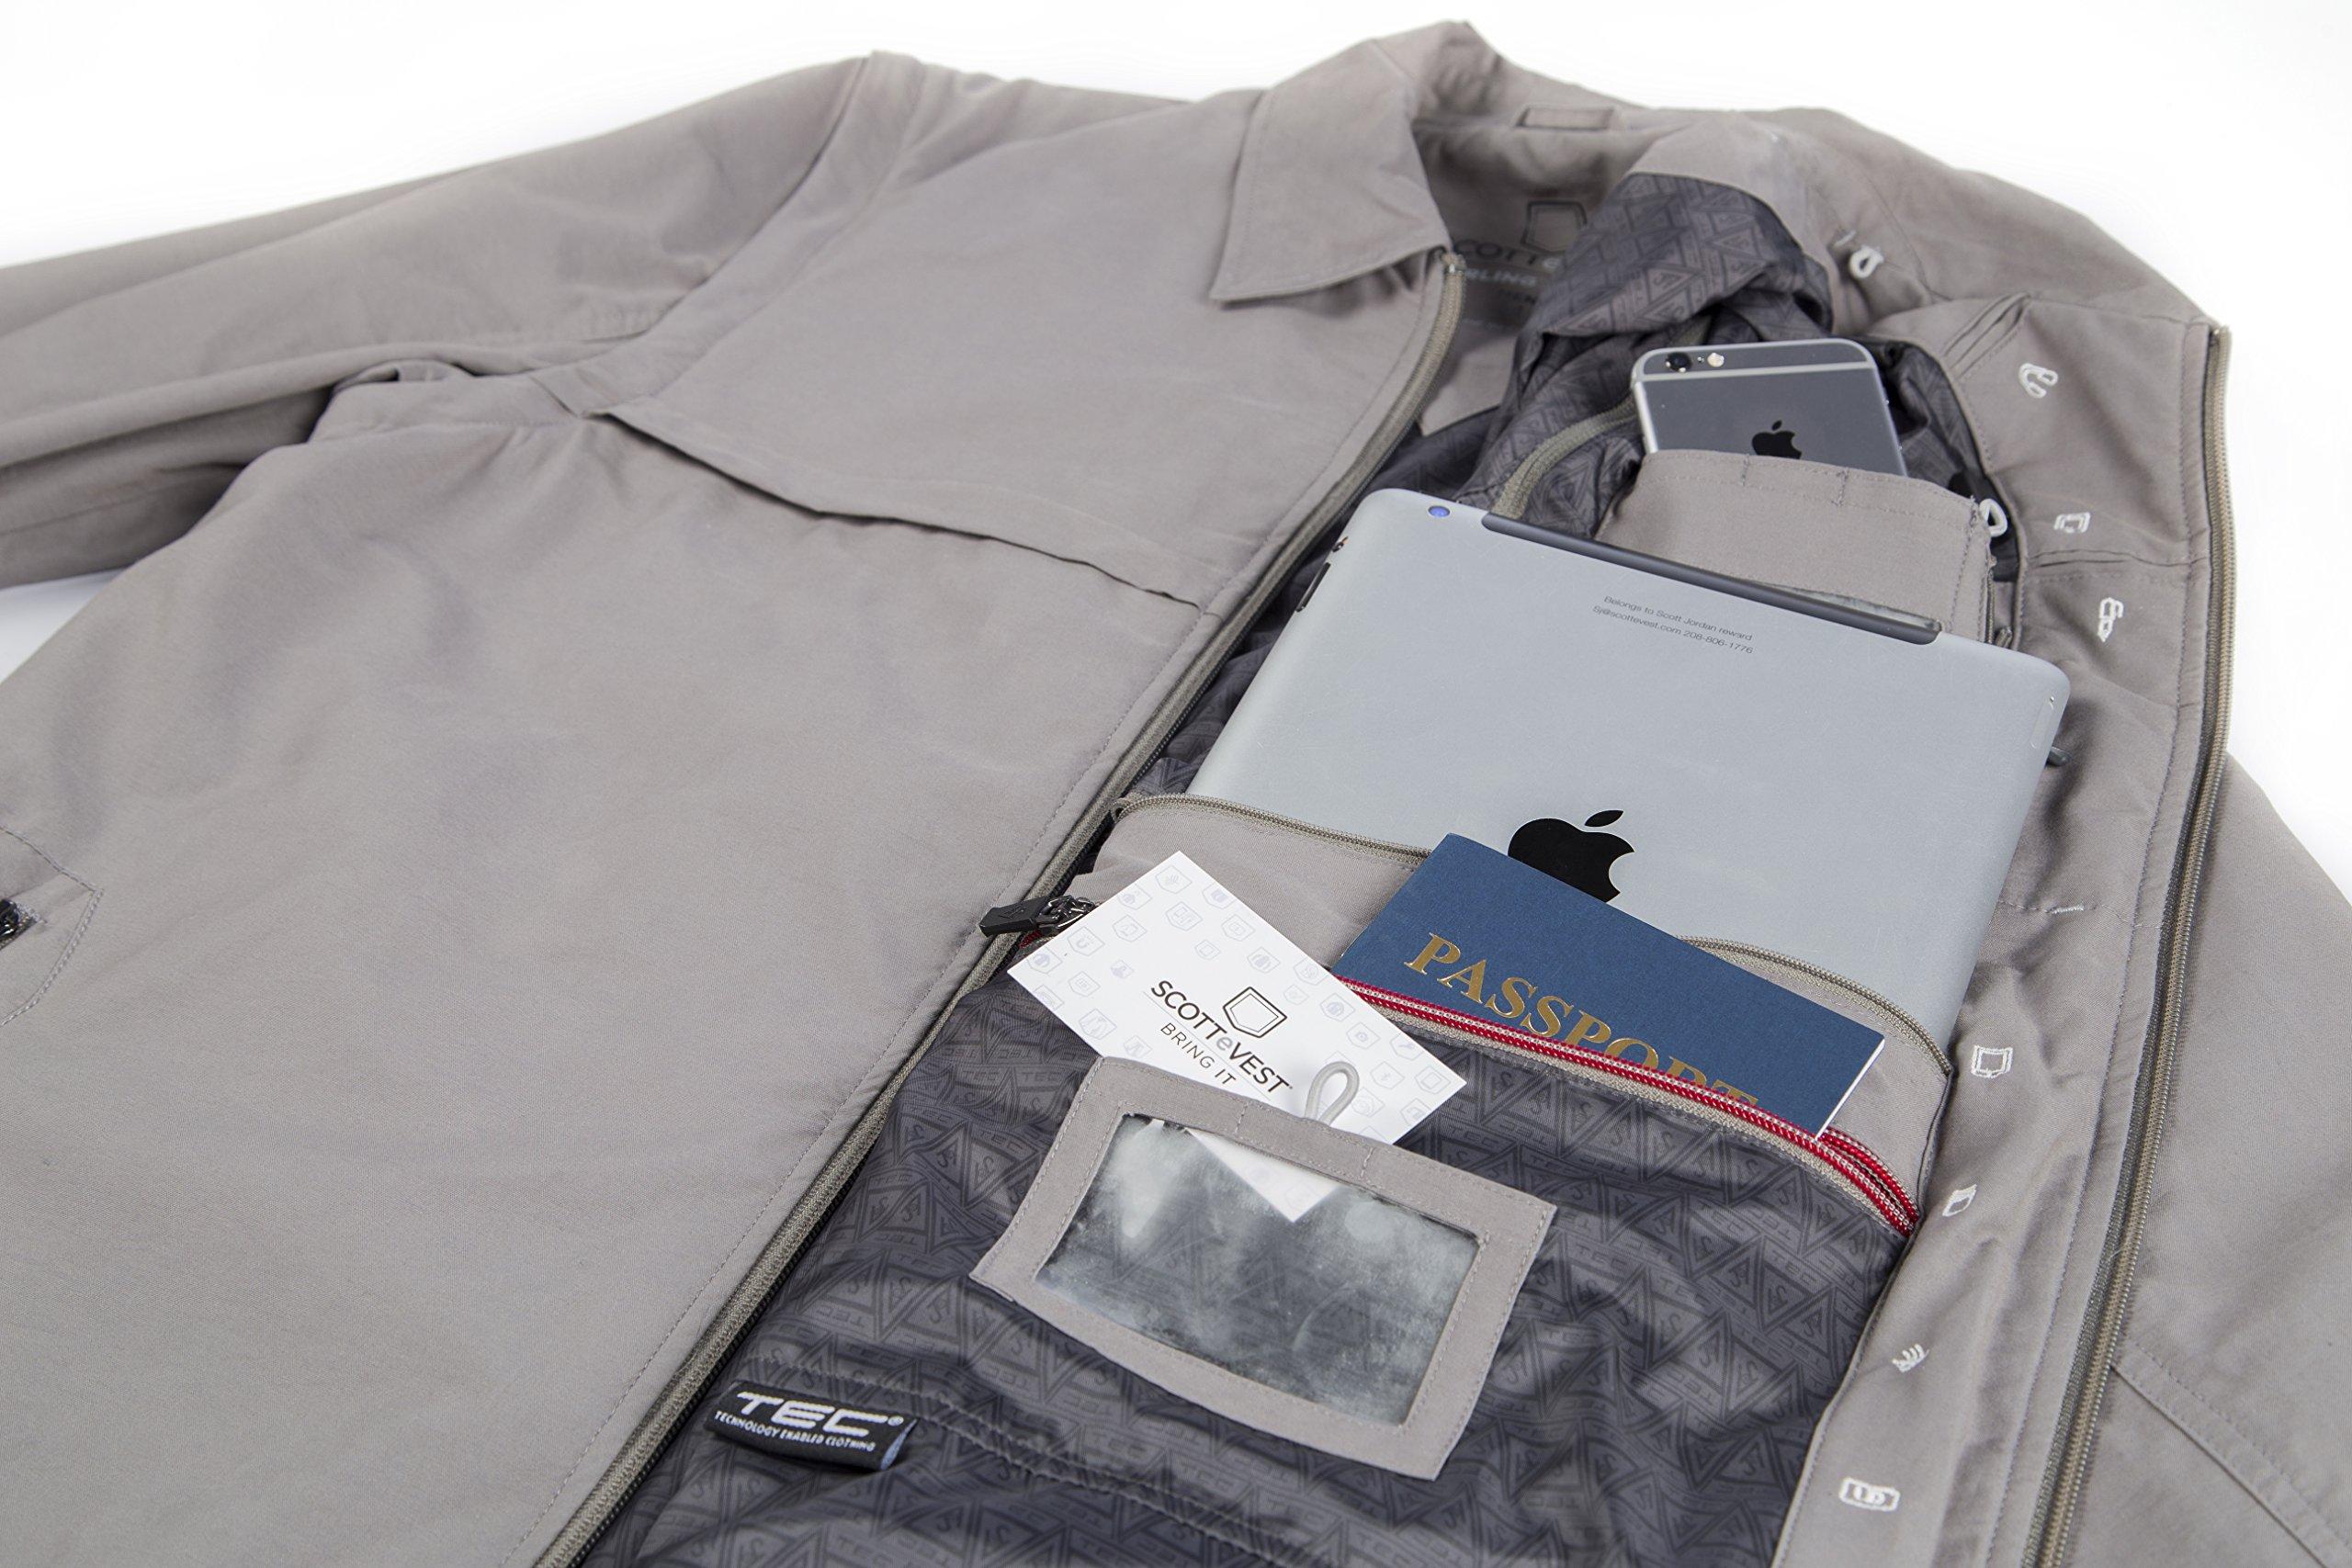 Men's SCOTTeVEST Jacket - 25 Pockets - Travel Clothing BLK M by SCOTTeVEST (Image #5)